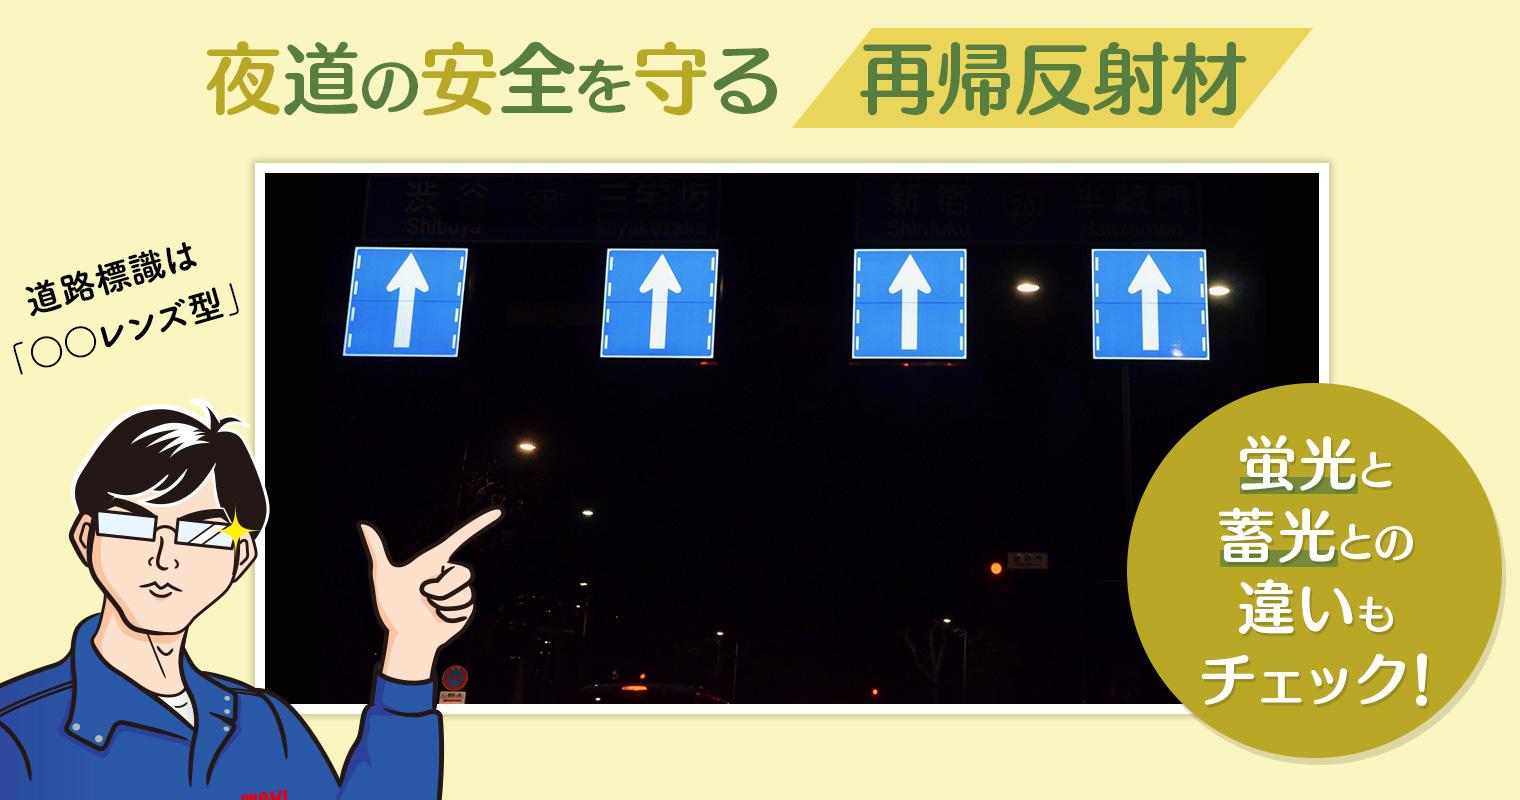 夜道の安全を守る「再帰反射材」蛍光と蓄光との違いもチェック!道路標識は◯◯レンズ型